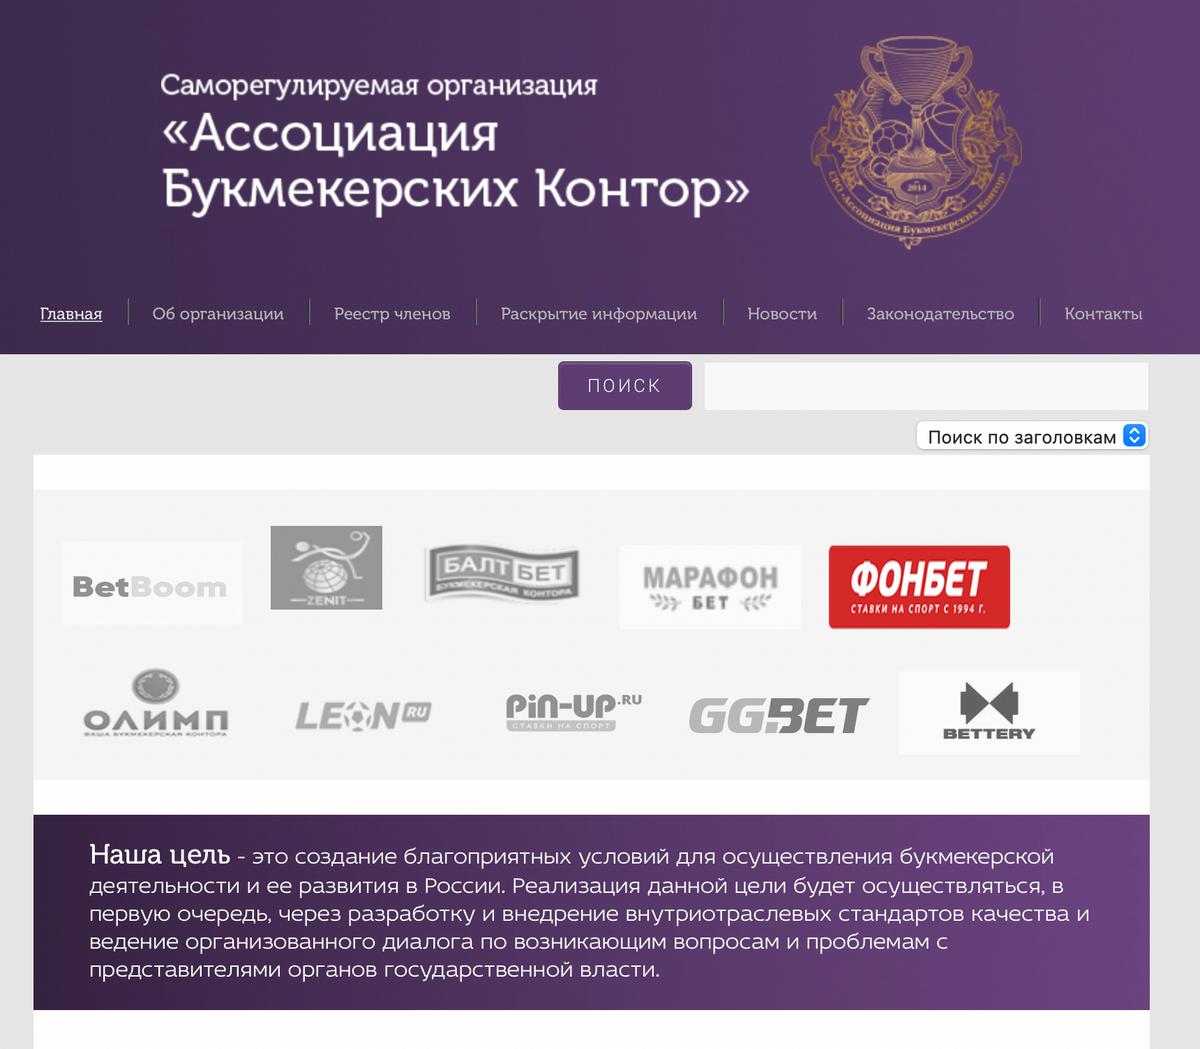 ООО «Ф.О.Н», от которого вы получили доход, — это букмекерская контора «Фонбет». Он входит в «Киви-ЦУПИС»